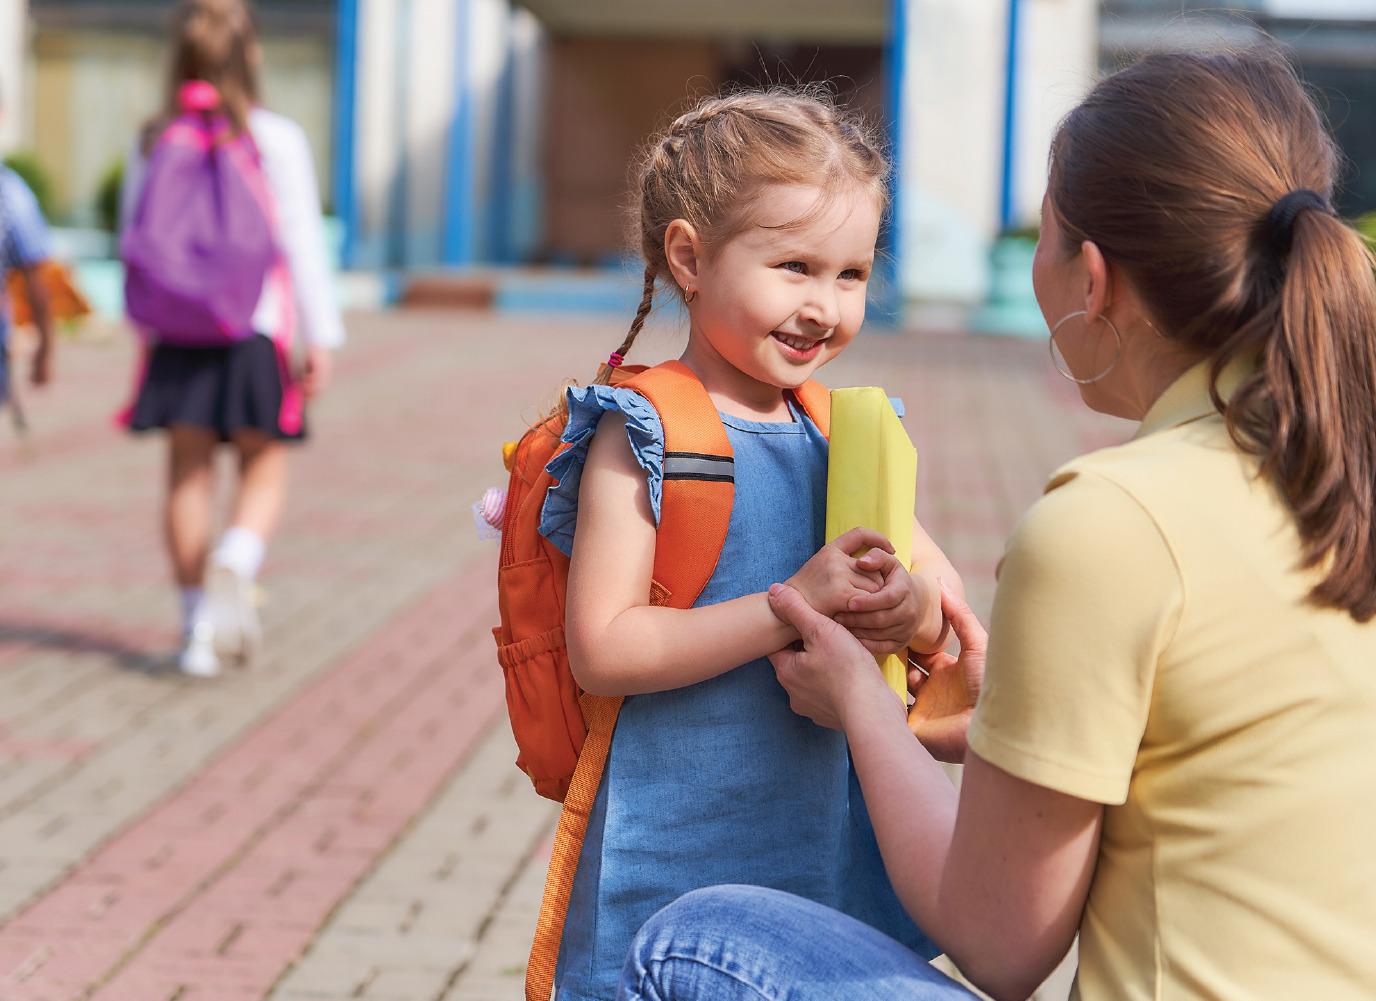 Nuôi con kiểu Nhật – chìa khoá vàng giúp cha mẹ nuôi dạy con yêu